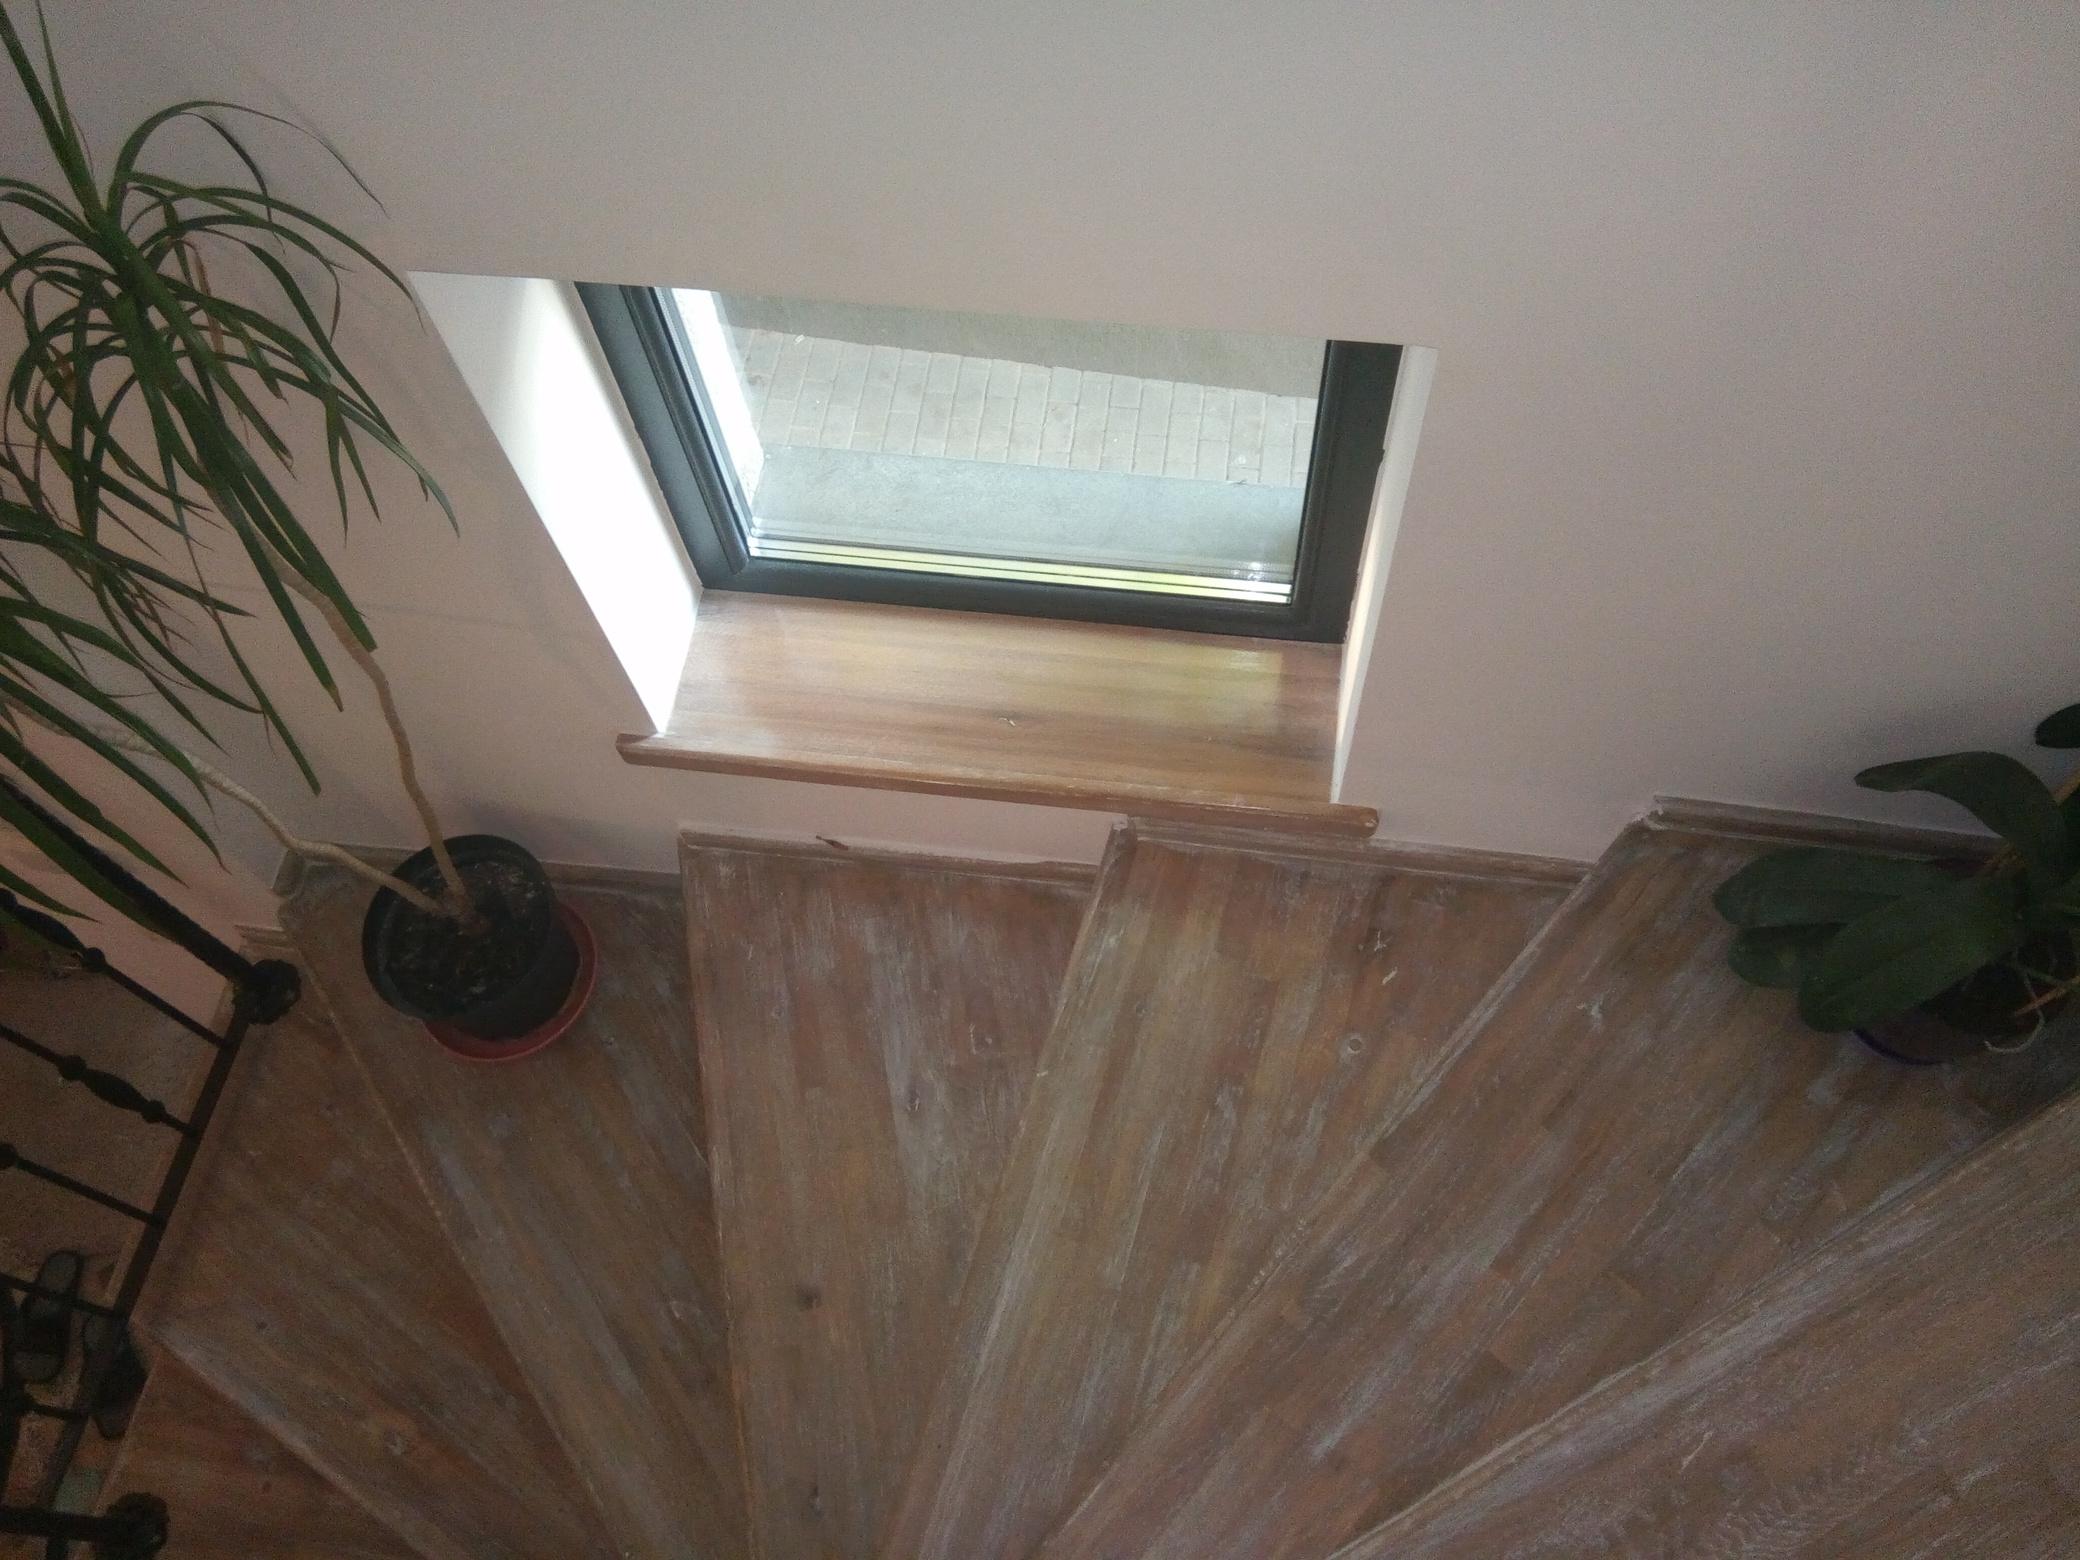 scari-interioare- (7)